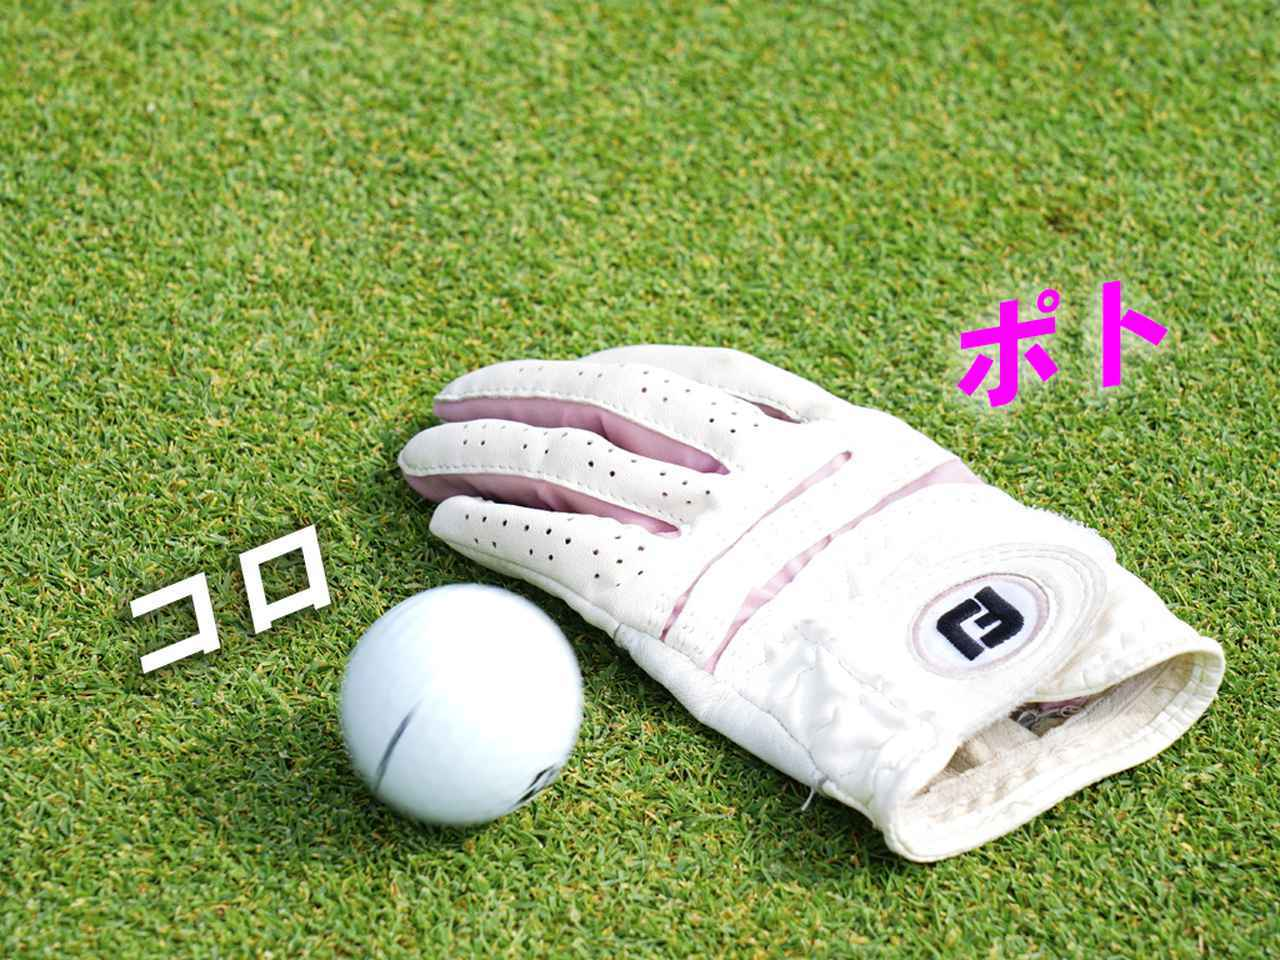 画像2: 【新ルール】マークする前にグローブを落として球が動いた! この場合の対処法は?